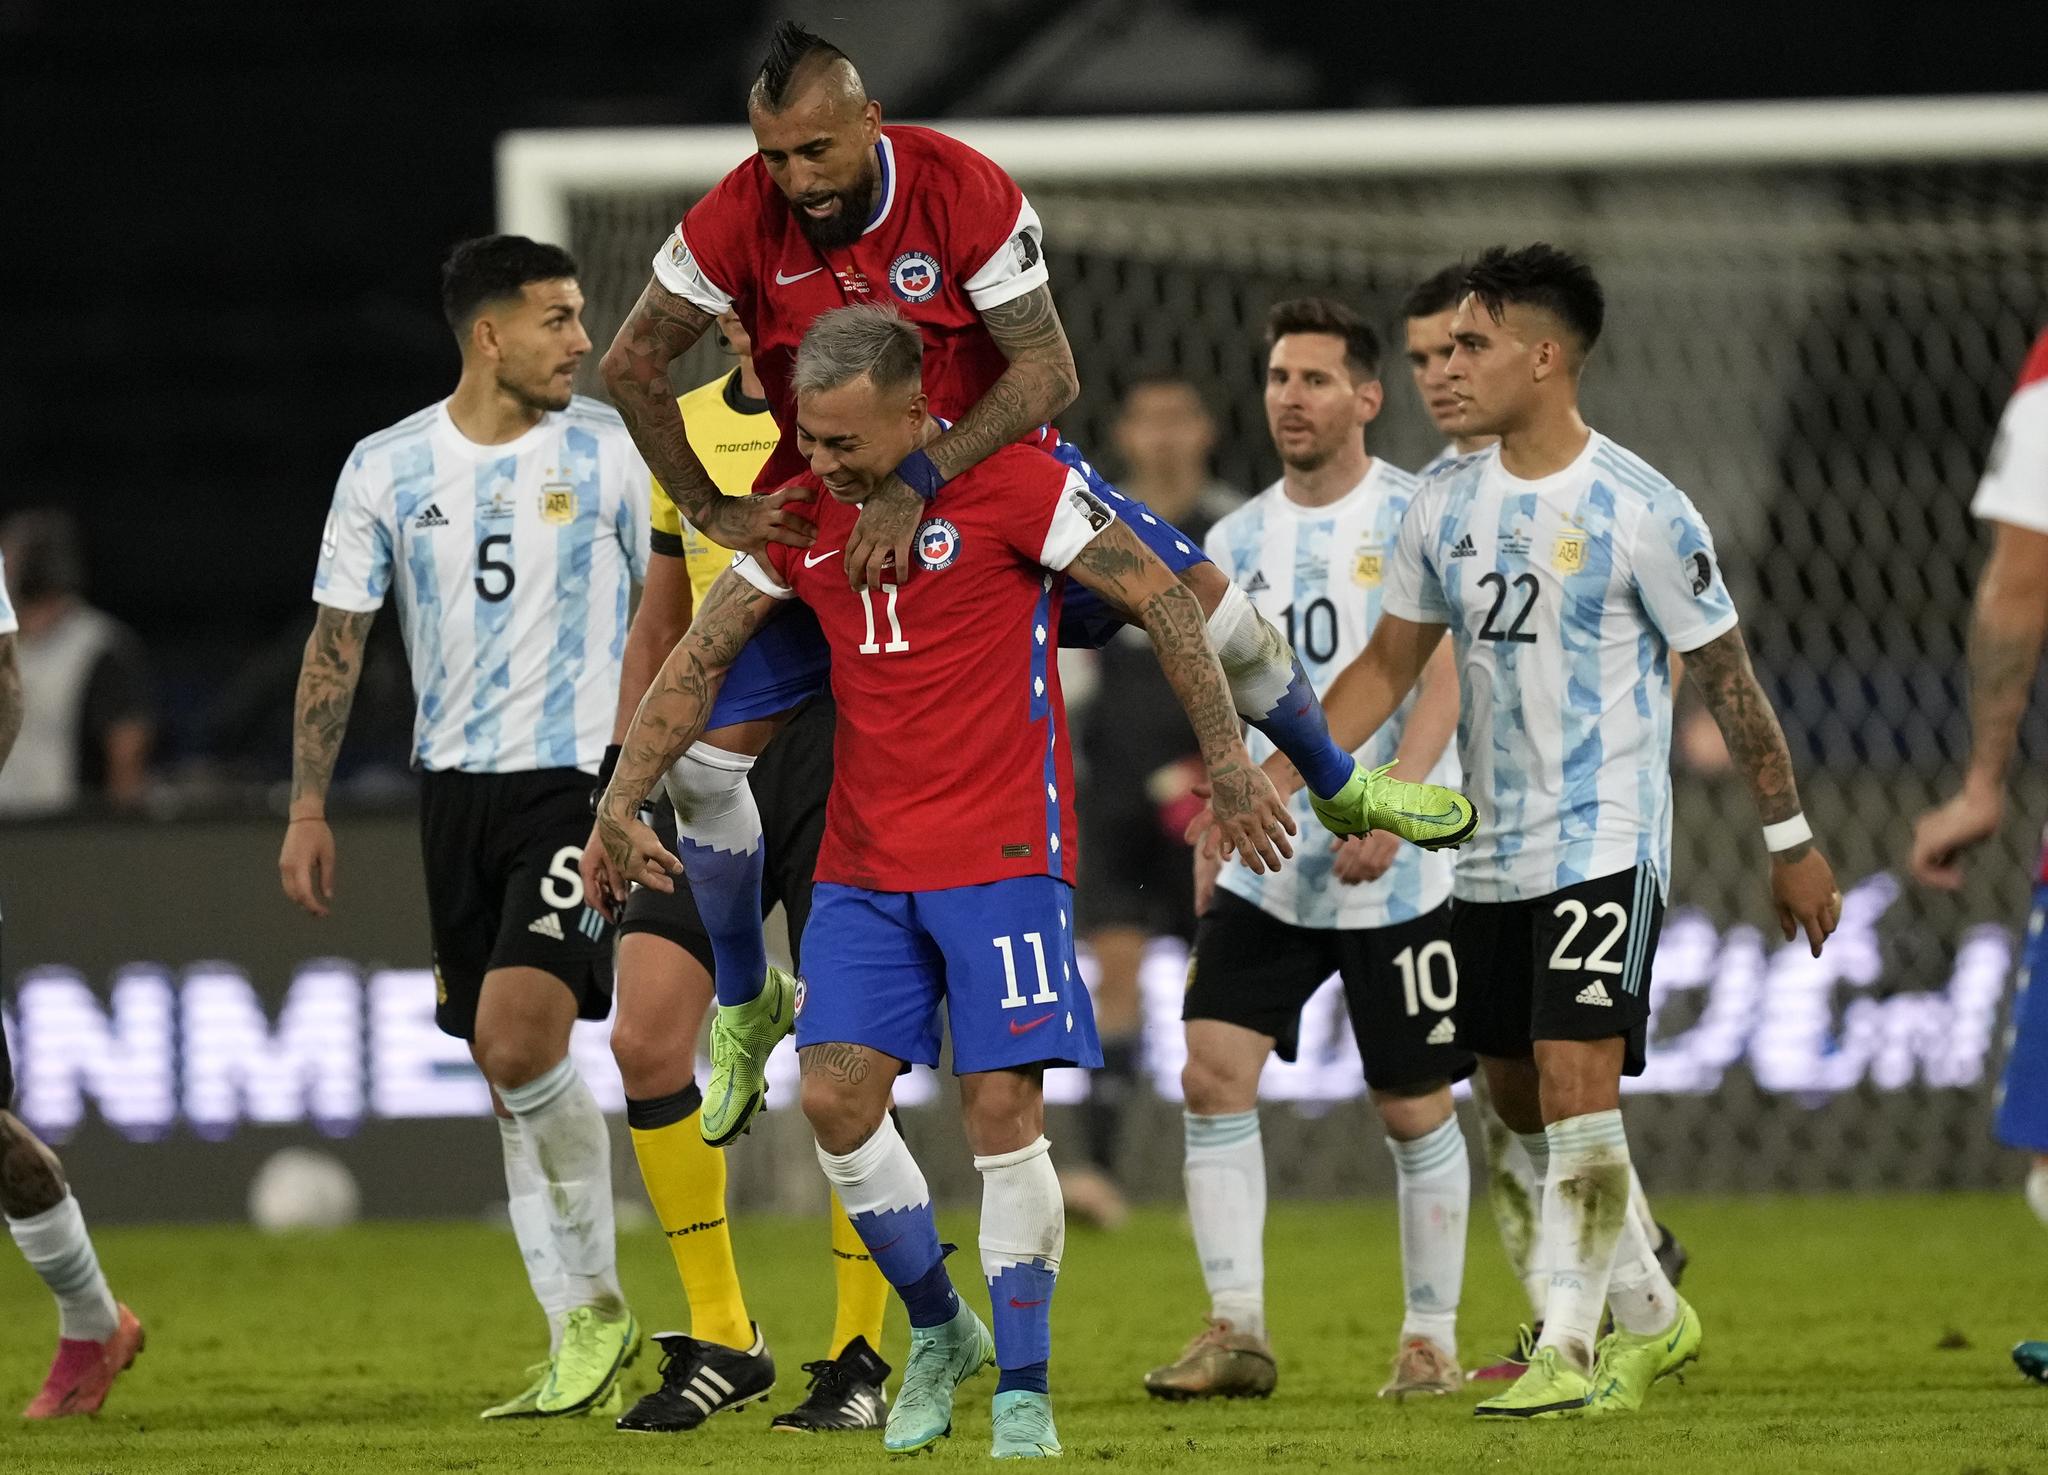 Chile's Eduardo Vargascelebrates scoring against Argentina